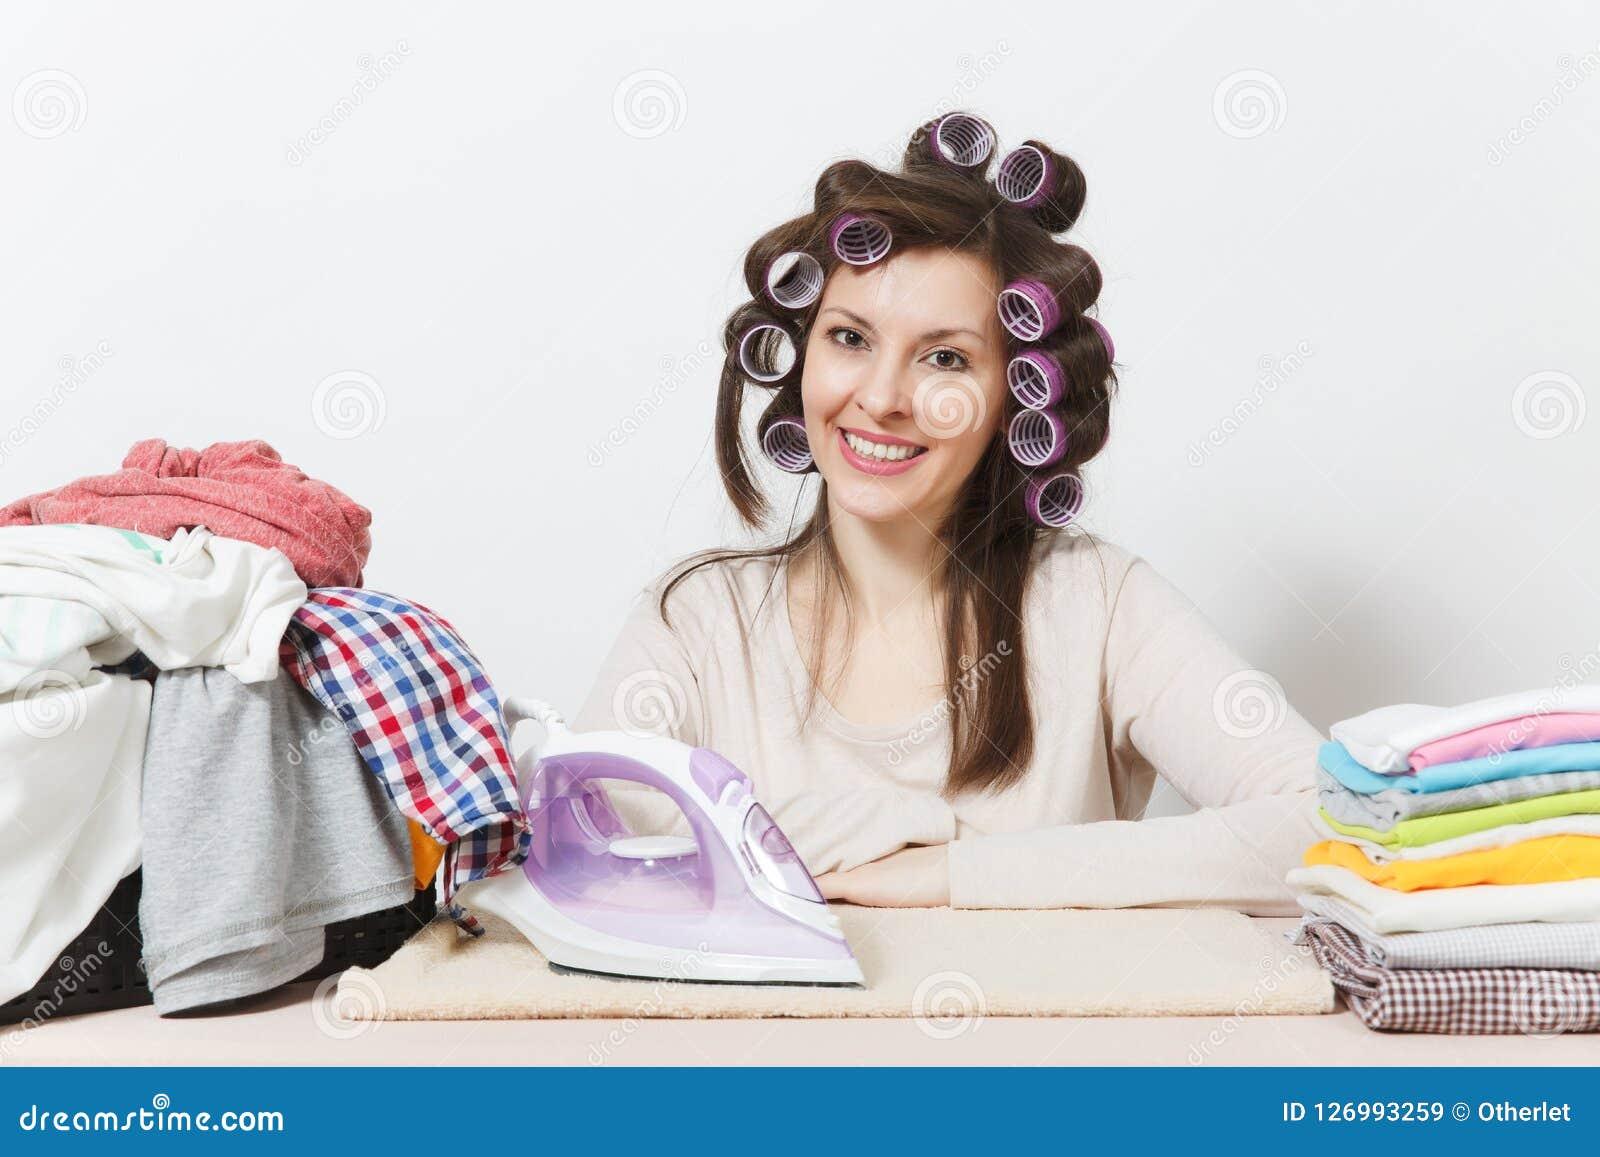 年轻俏丽的主妇 空白背景的妇女 家务概念 复制广告的空间